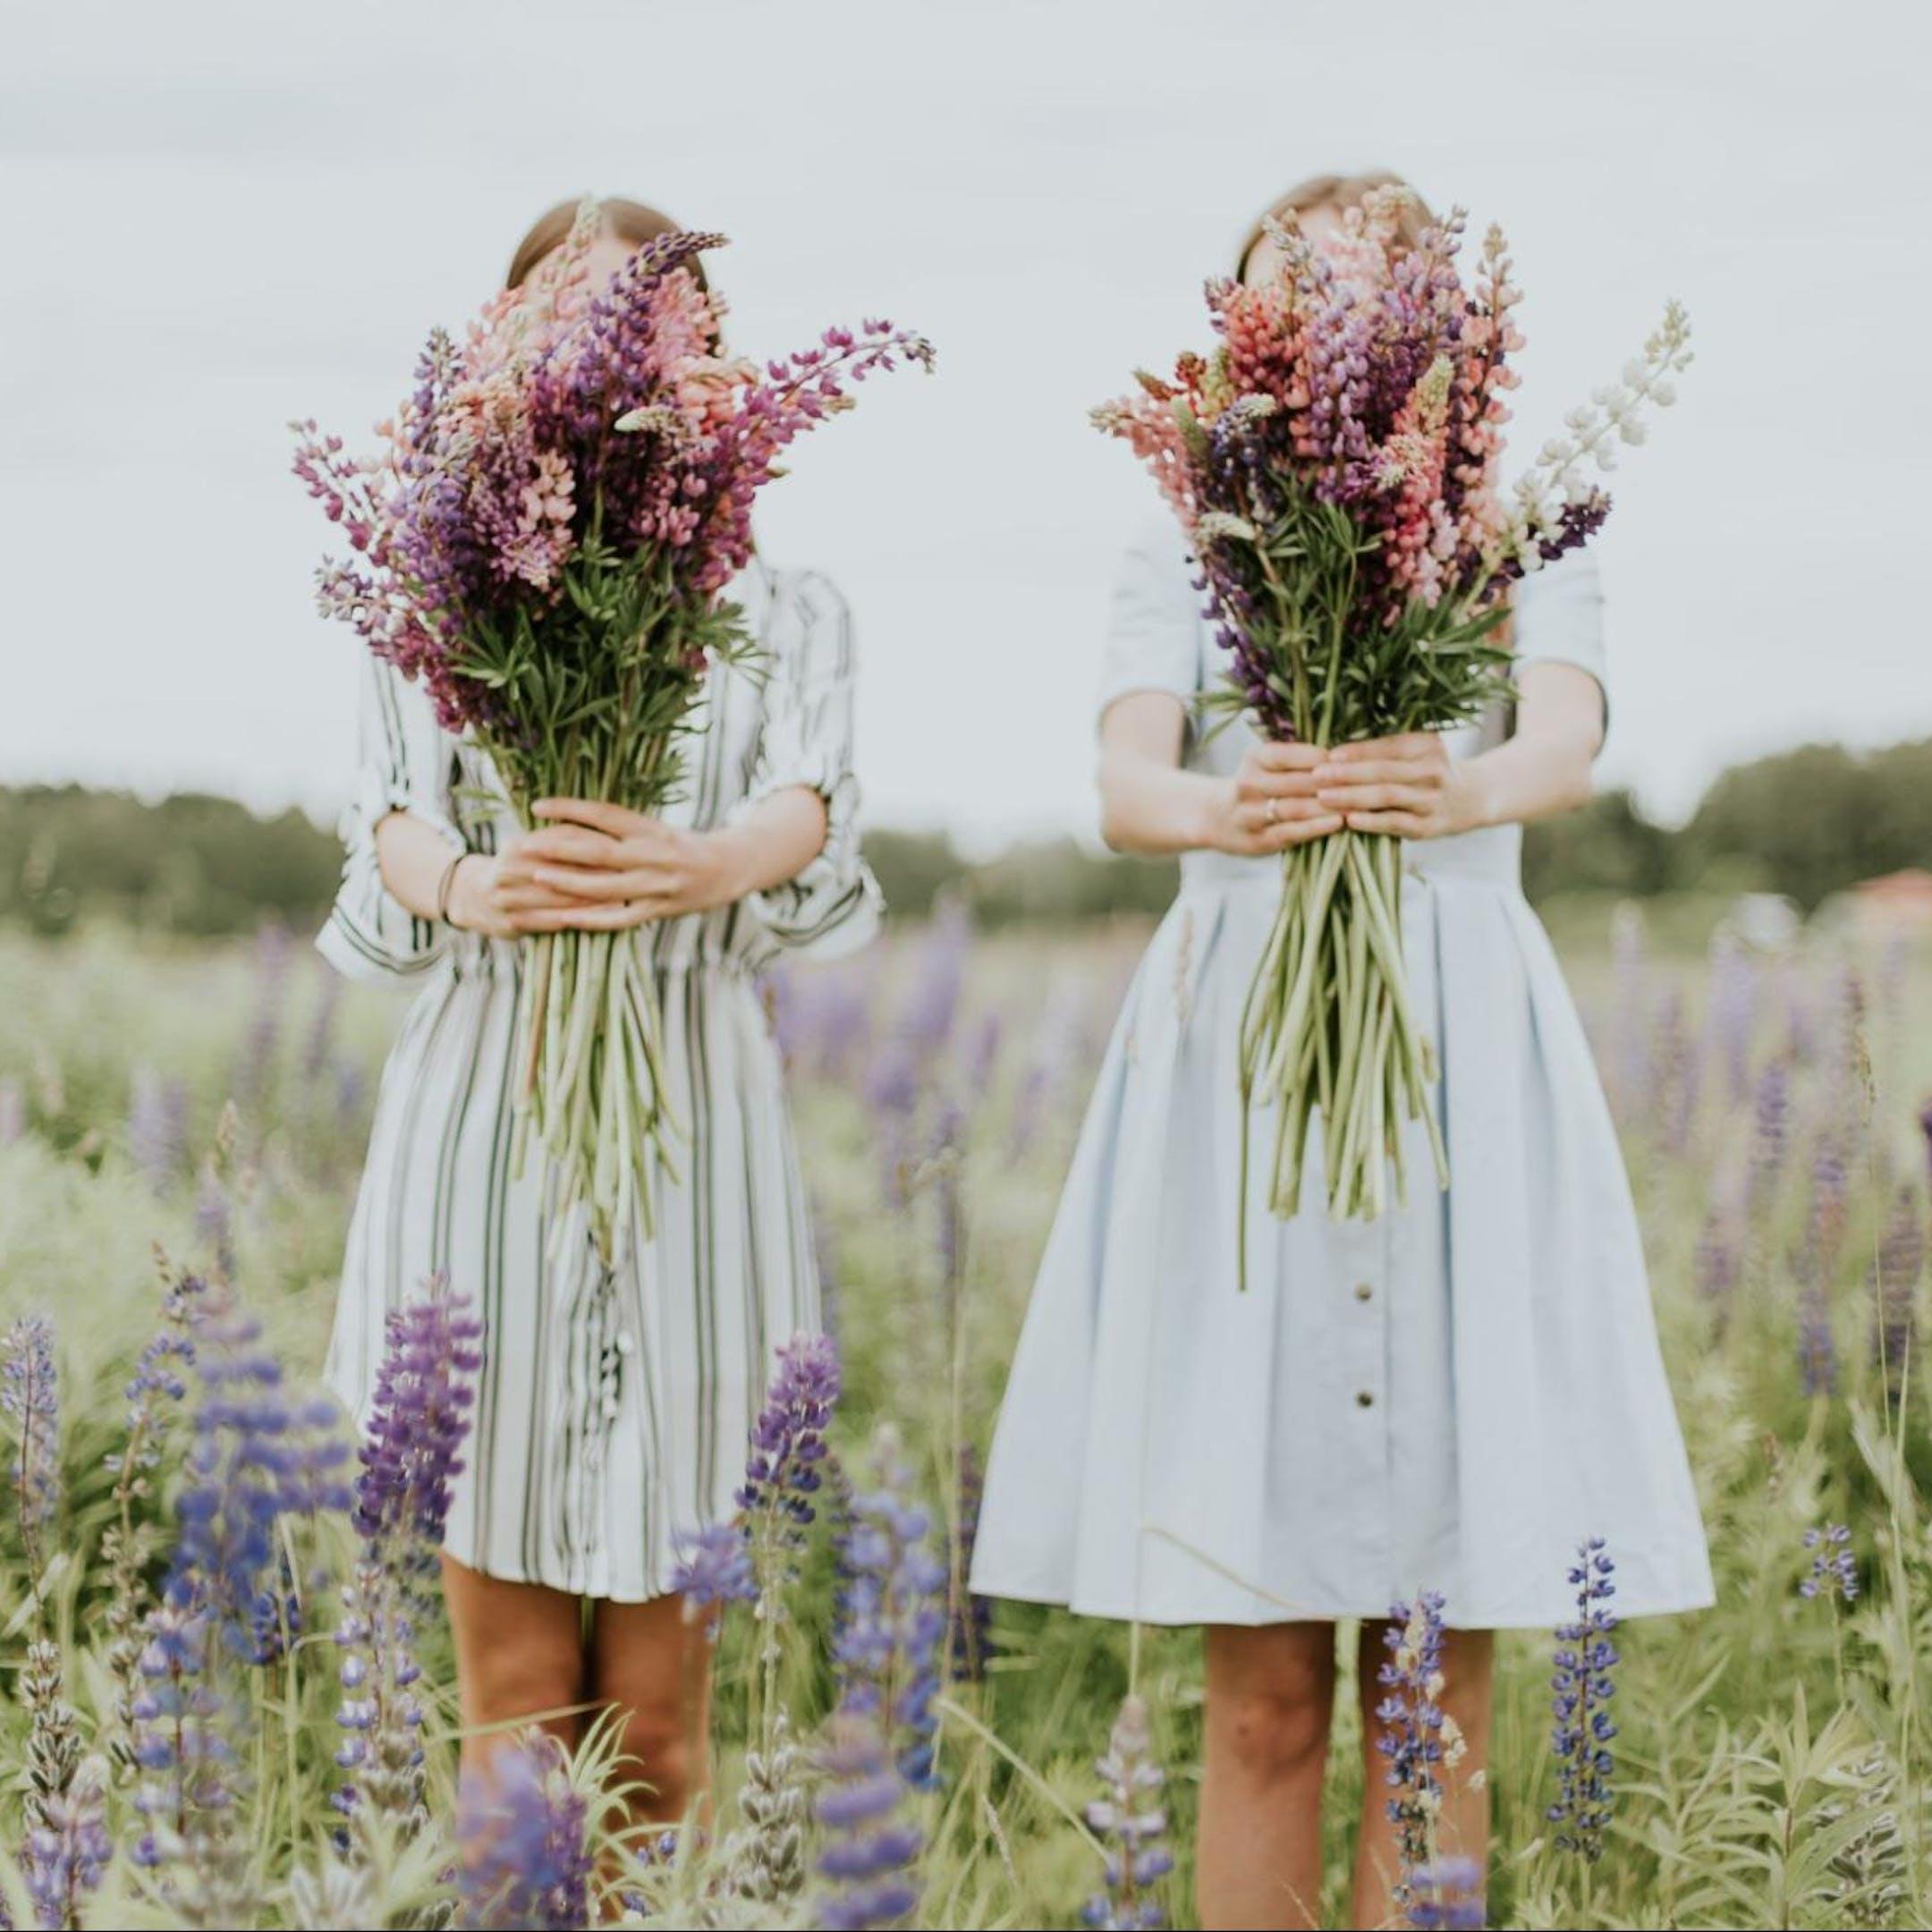 deux filles avec des bouquets de fleurs